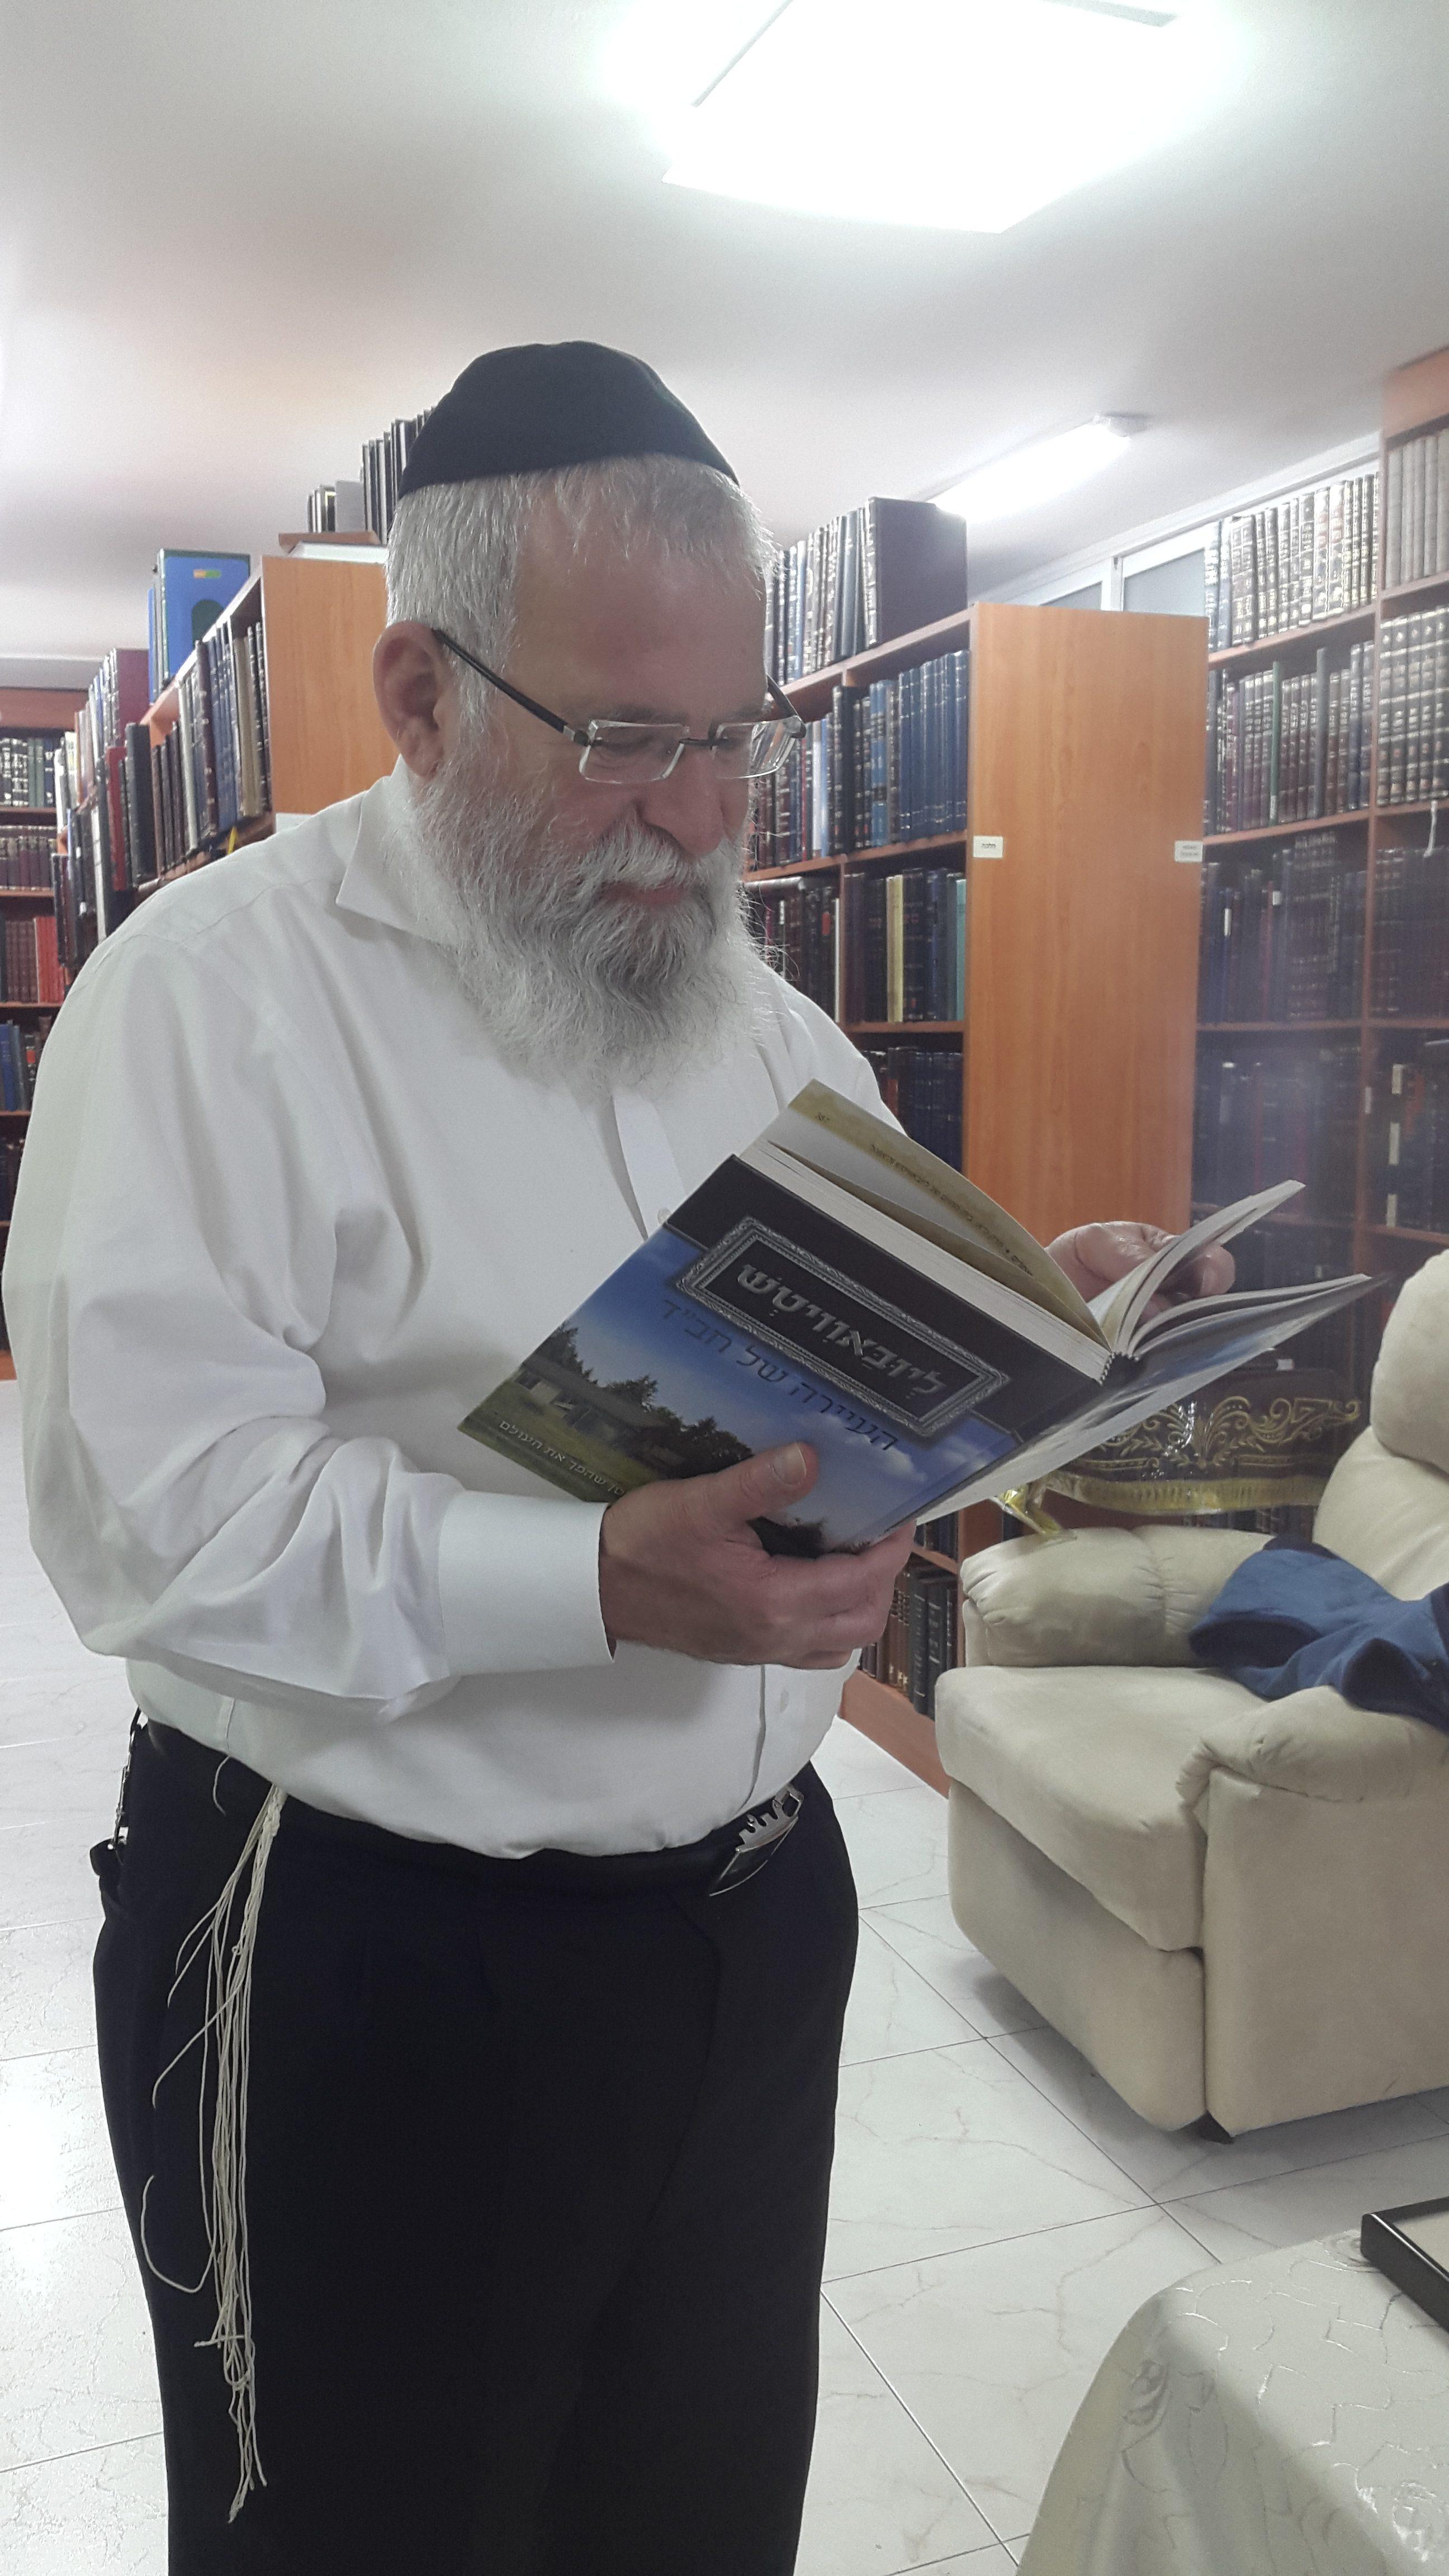 הרב גוראריה מעיין בספר